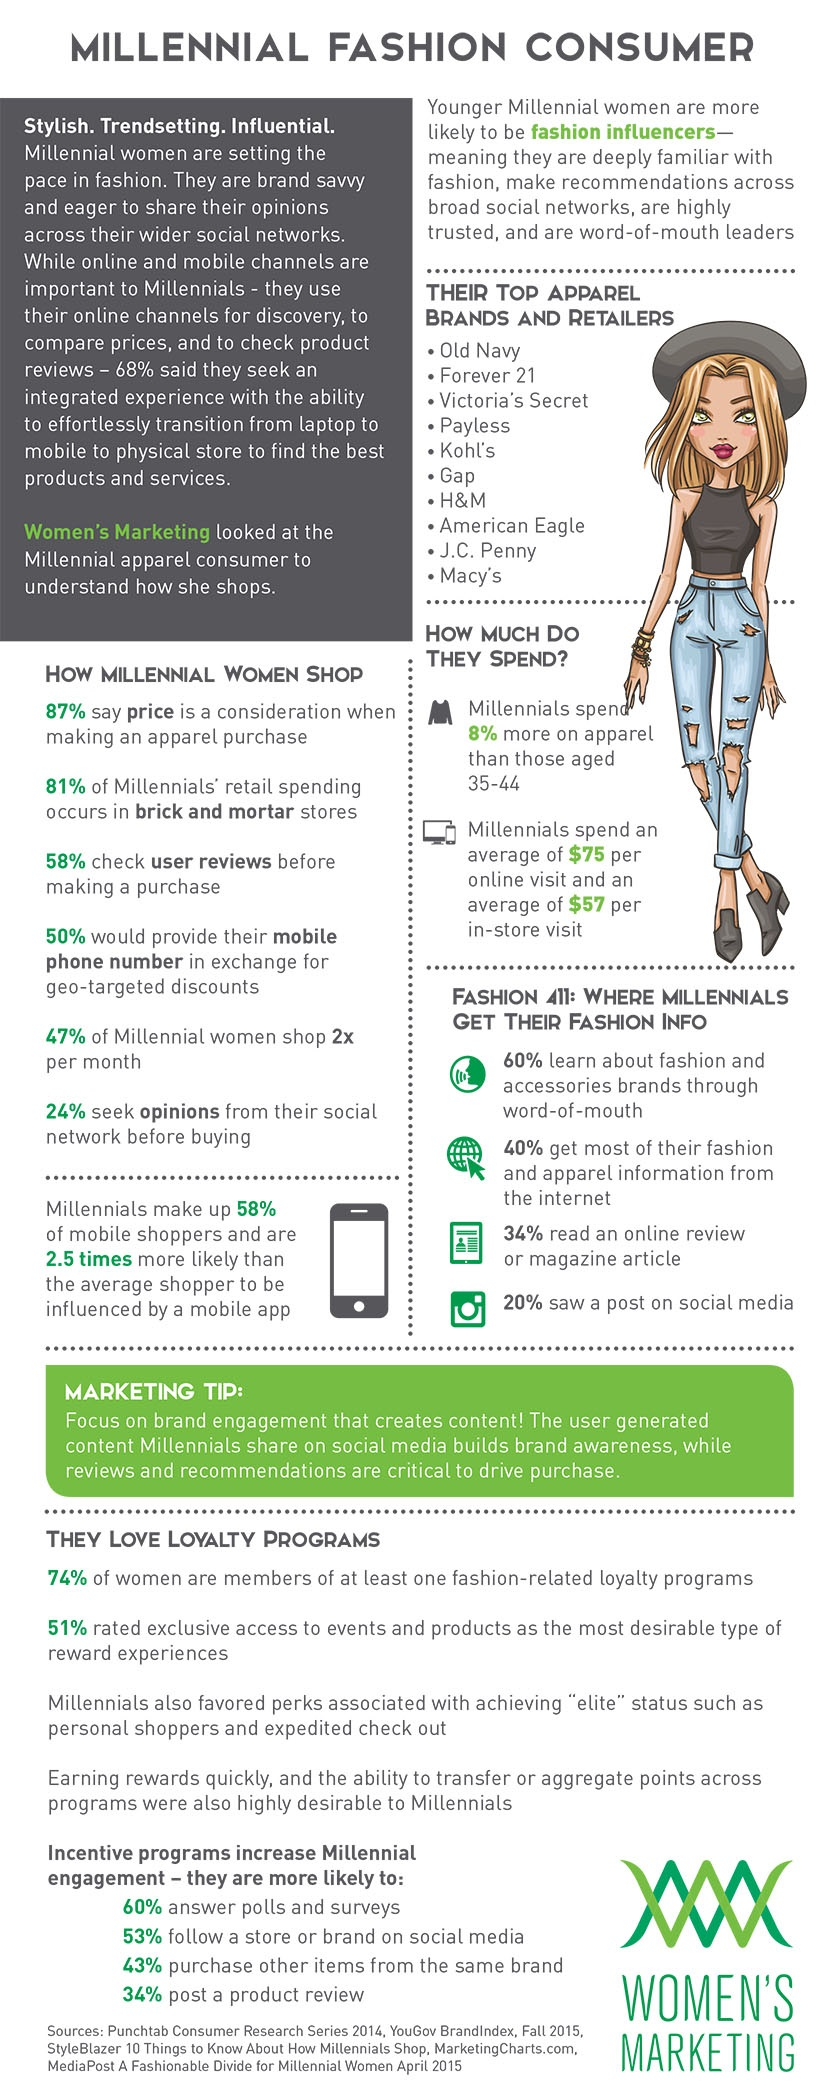 MillennialFashionConsumer_Infographic.indd